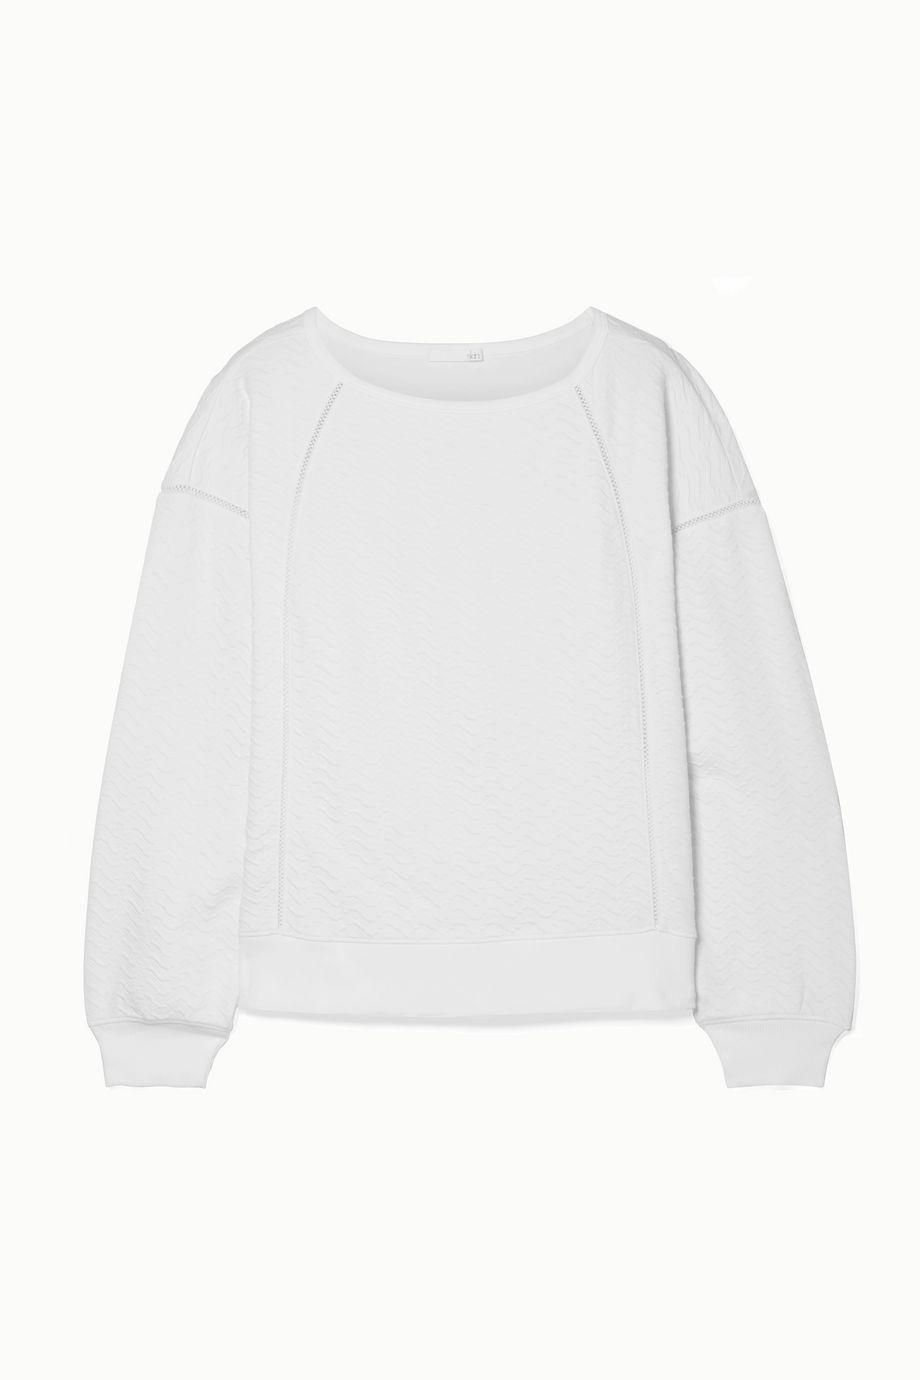 Skin Coraline lattice-trimmed textured stretch-cotton sweatshirt